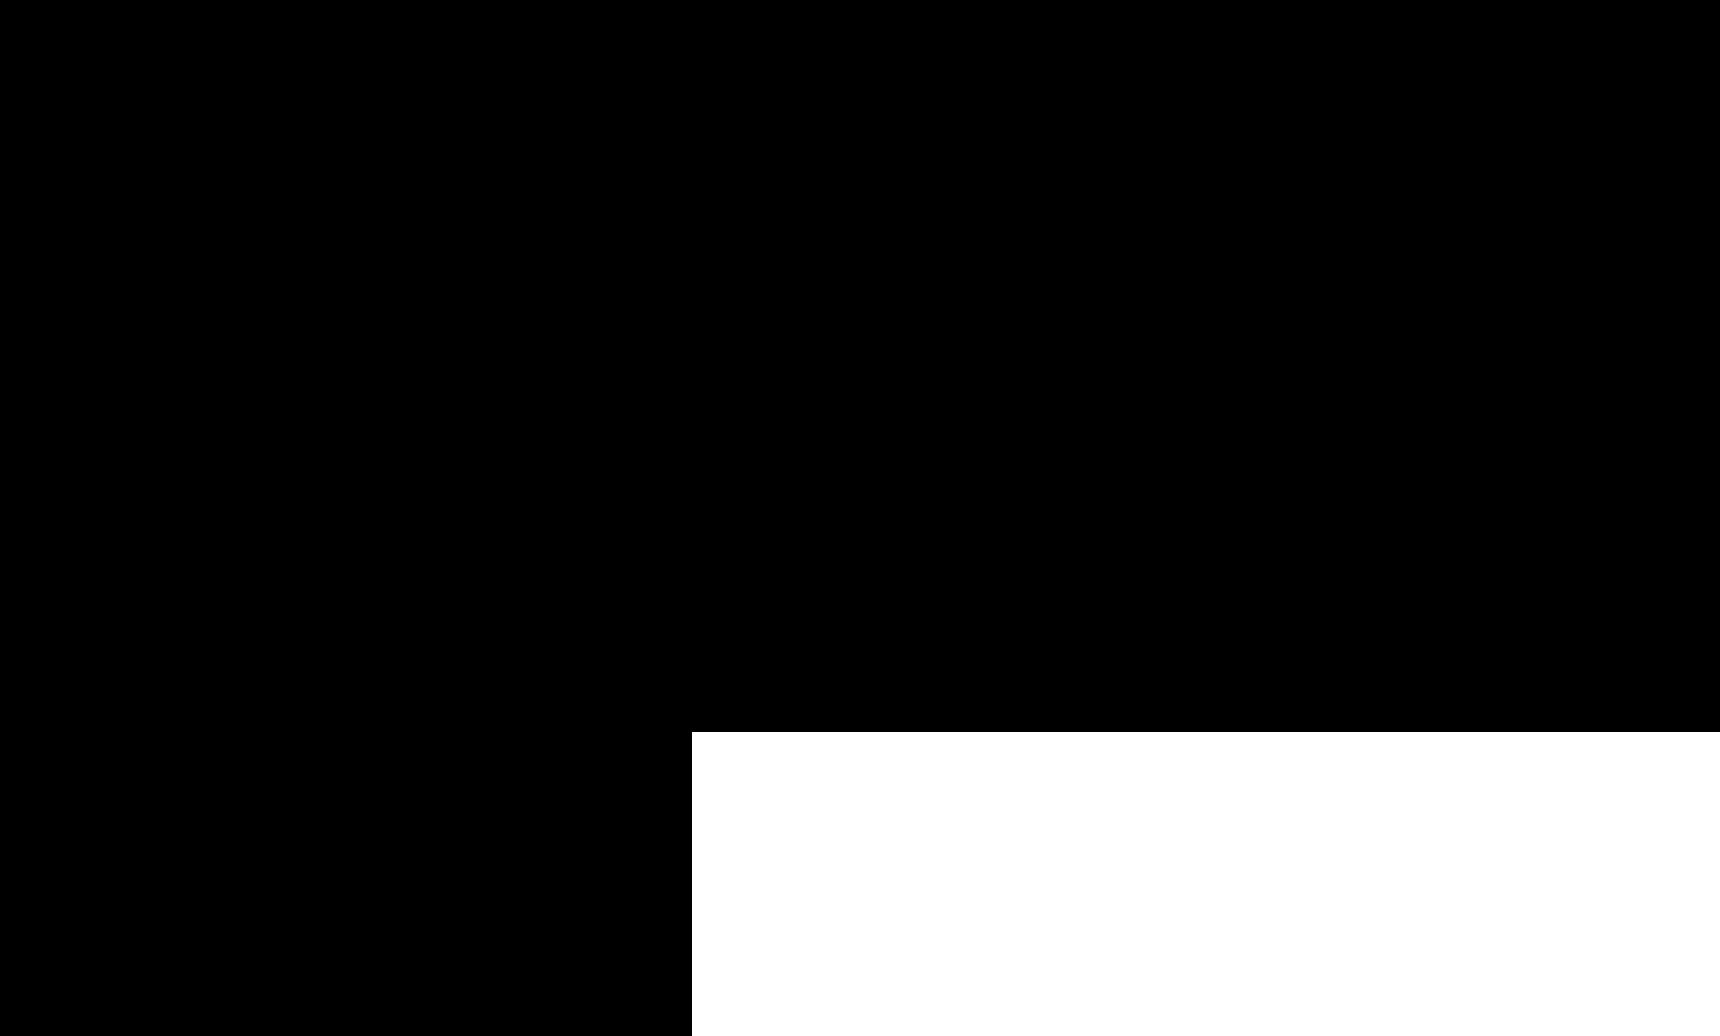 【景區雜談】石竹祈夢:趣談福清光餅之由來